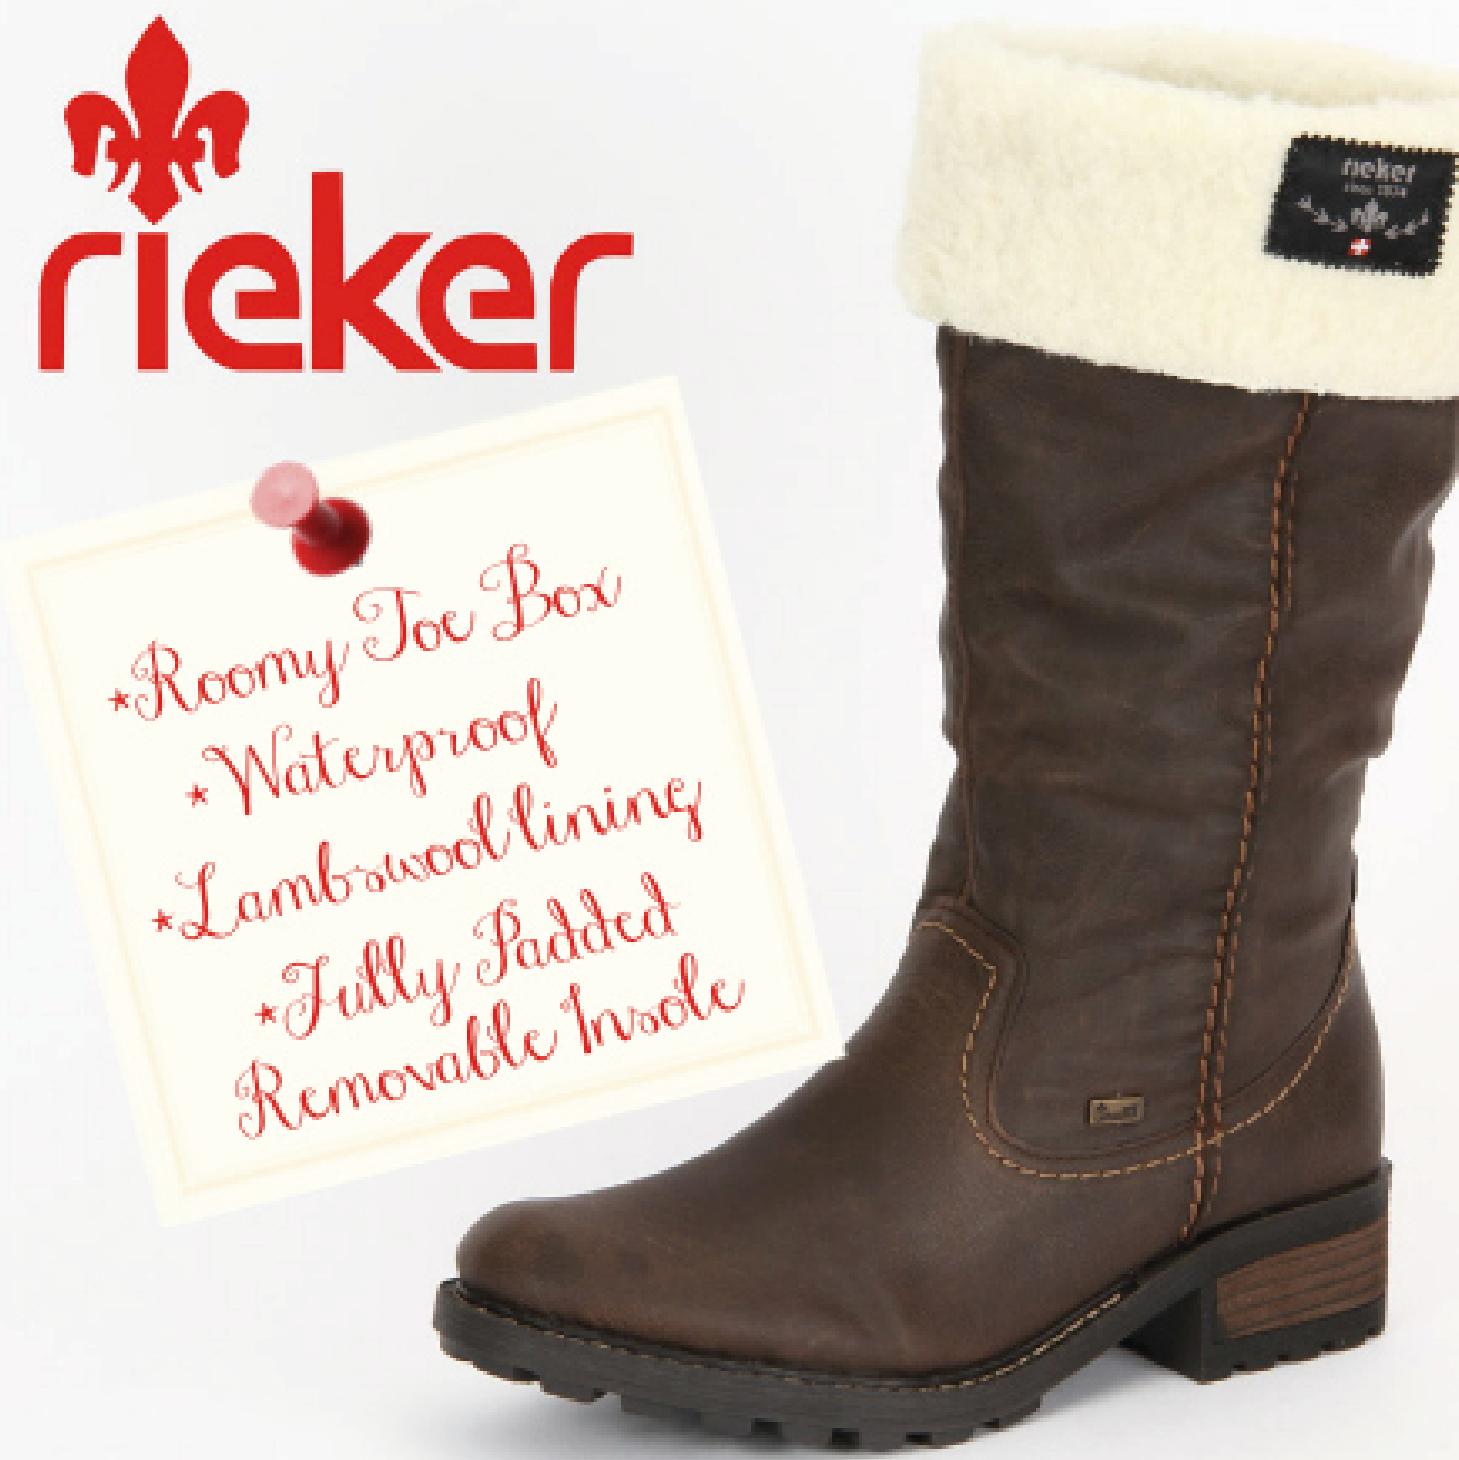 Rieker footwear